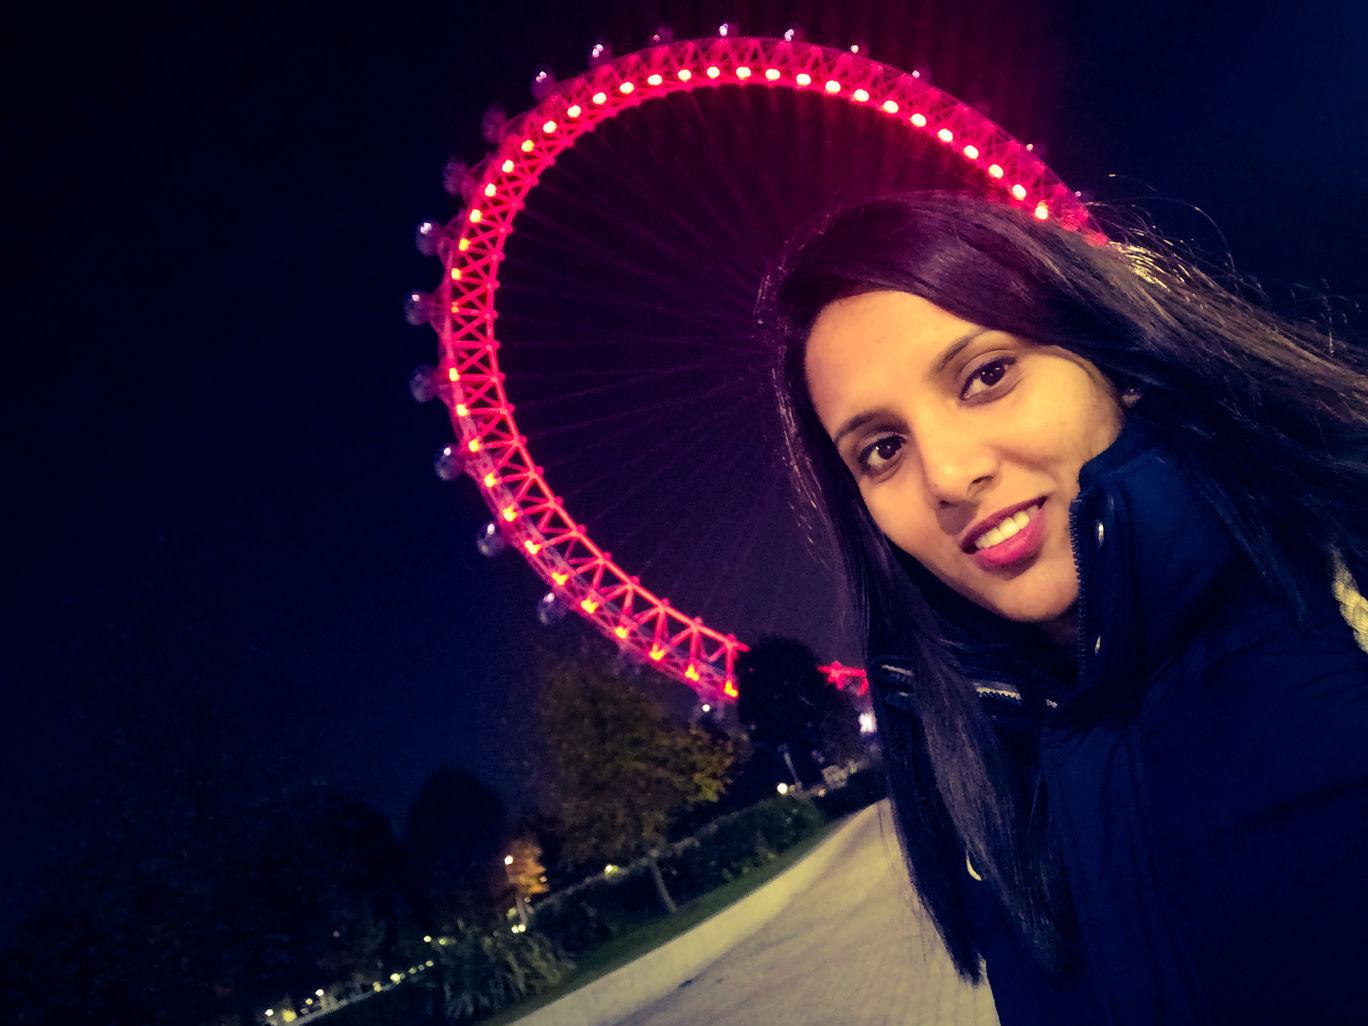 Photo of London Eye By Priyanka Upadhye